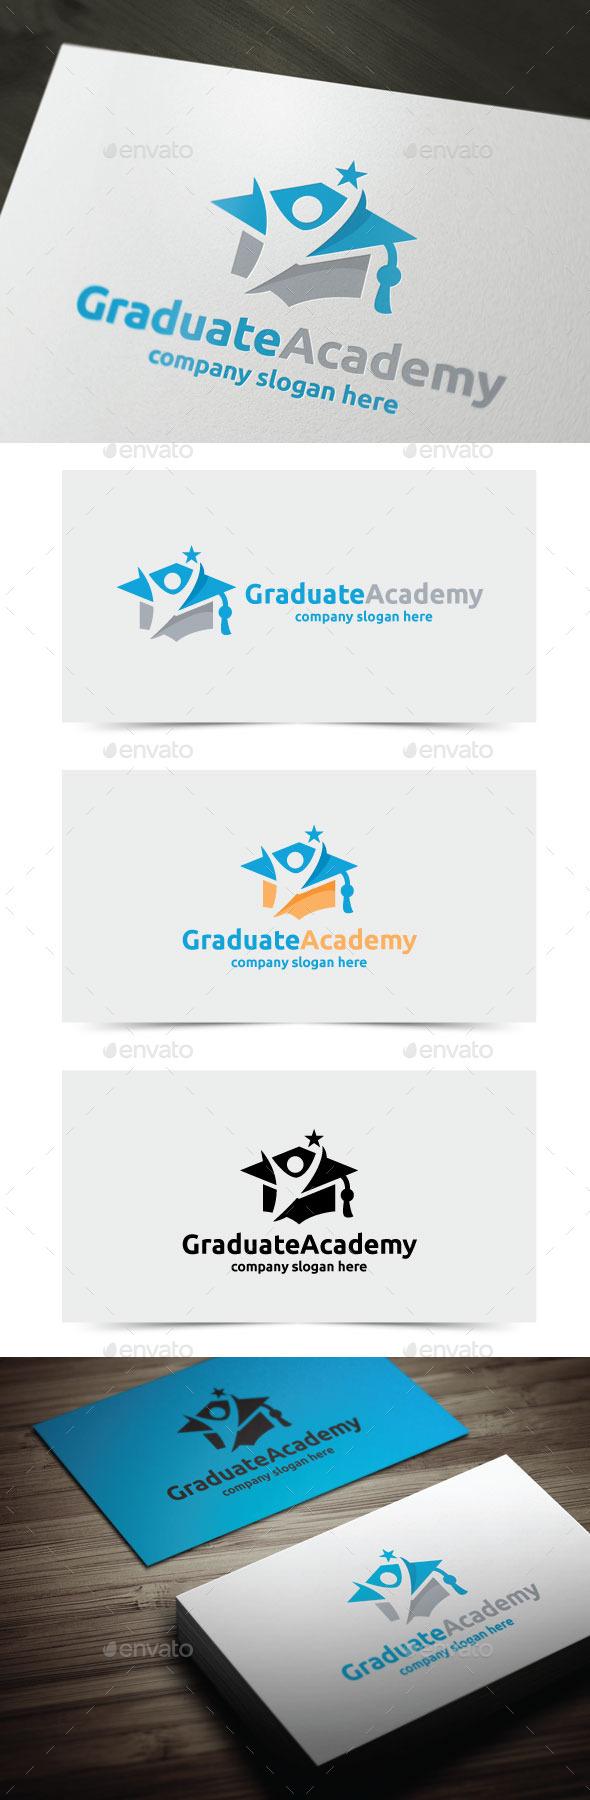 GraphicRiver Graduate Academy 11006461